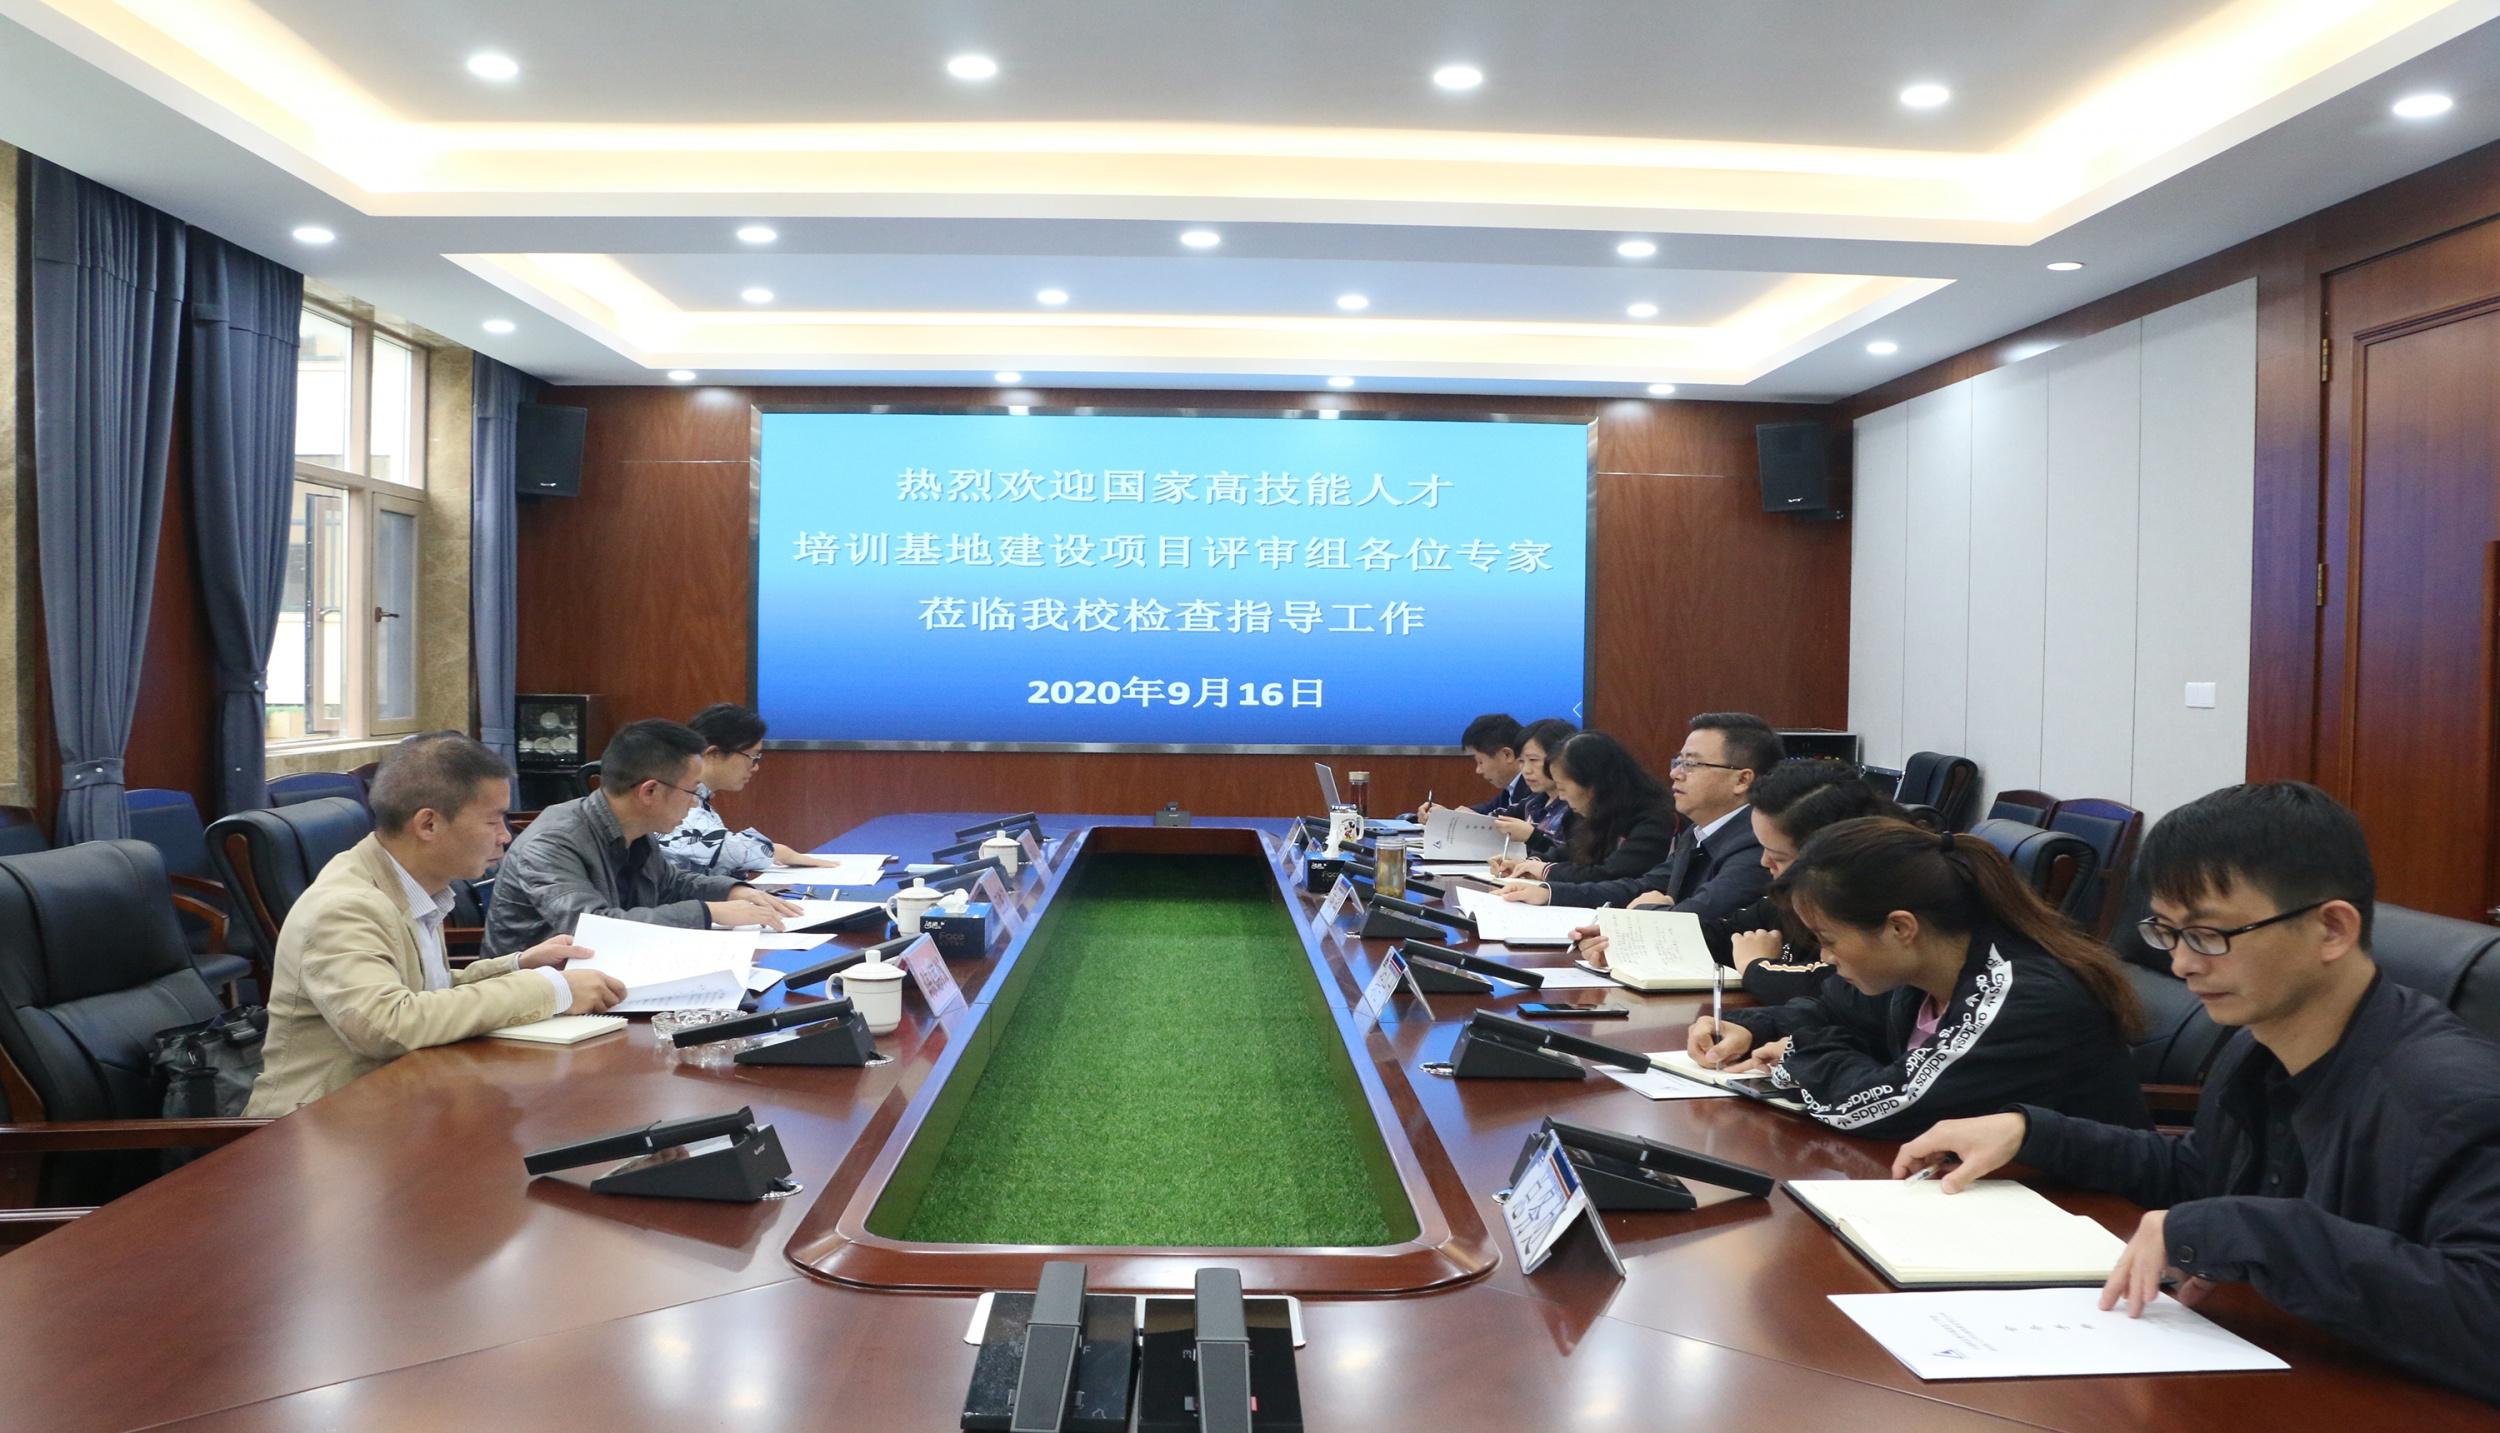 国 家 高技能人才培训基地建设项目检查组,到贵州 高 级 技工学校:校检查指导工作